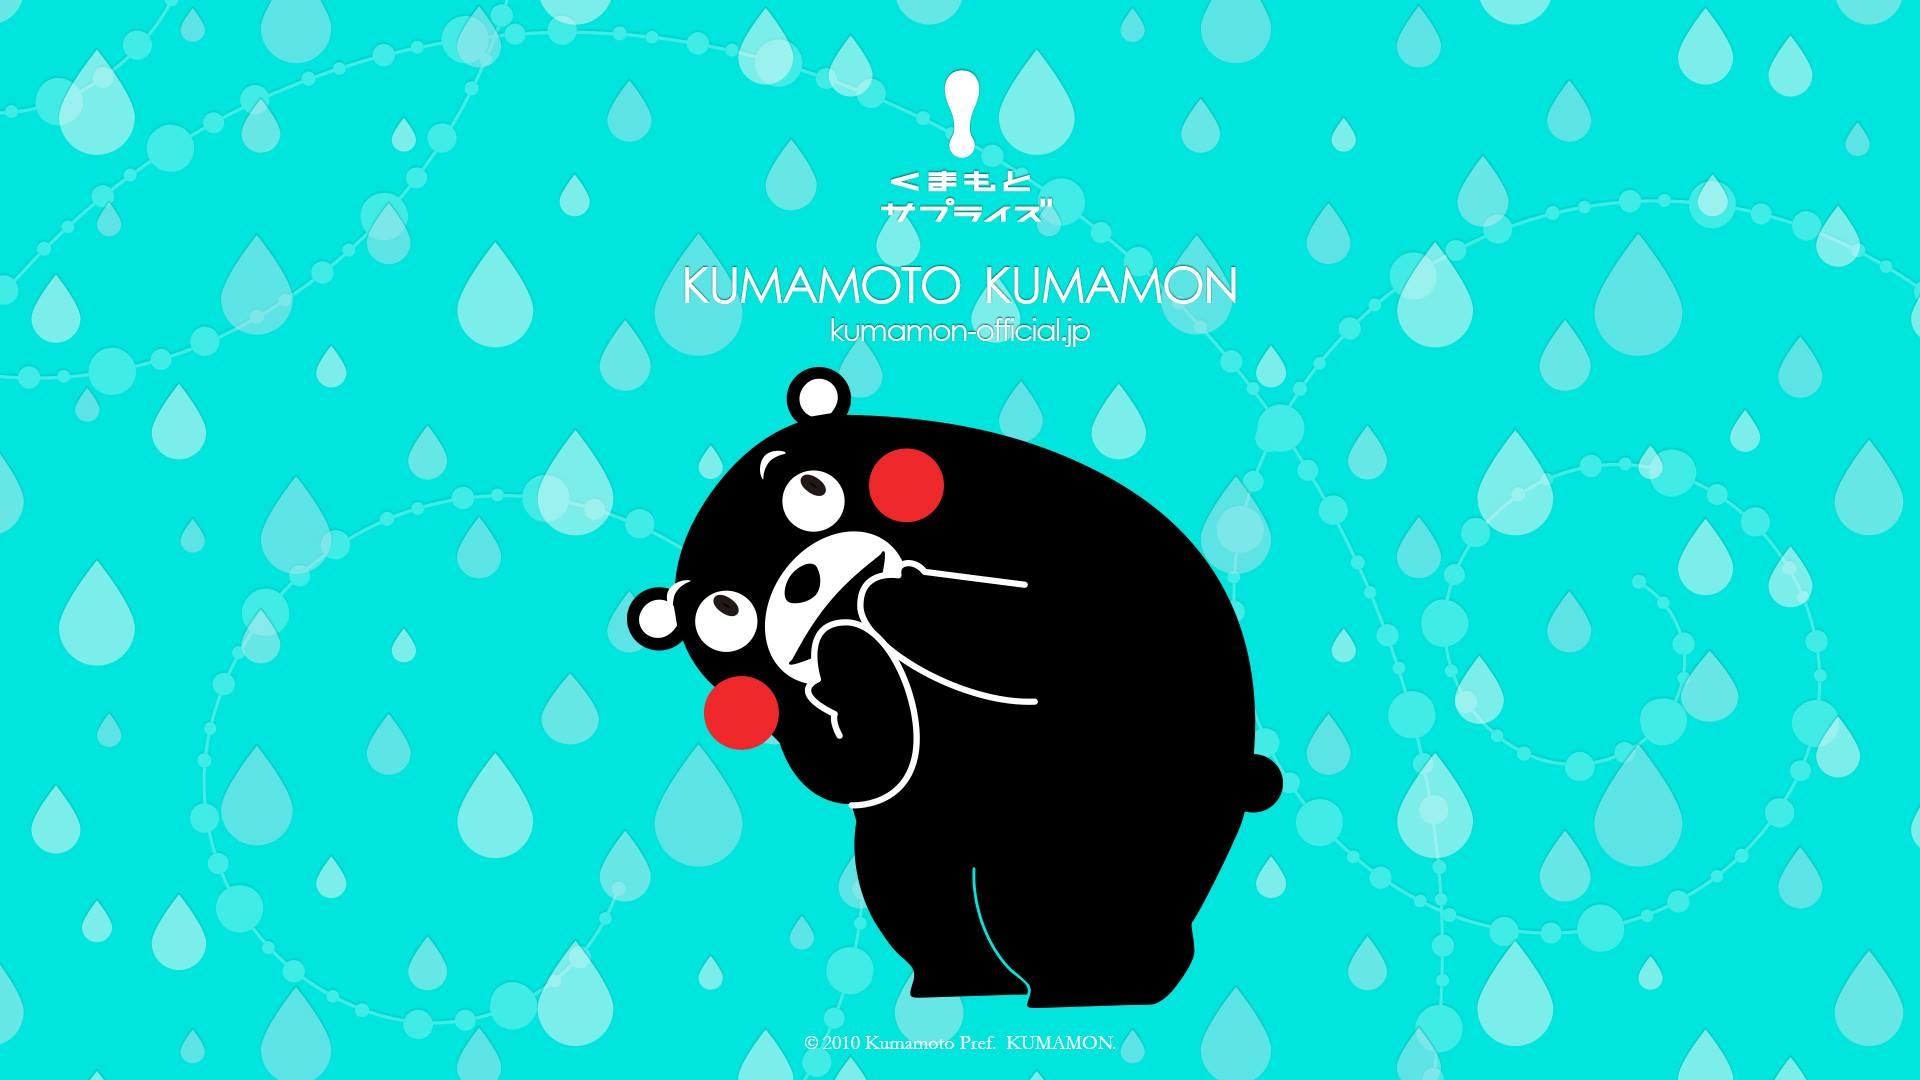 〈好玩〉熊出沒注意:日本吉祥物「熊本熊」將推出動畫!